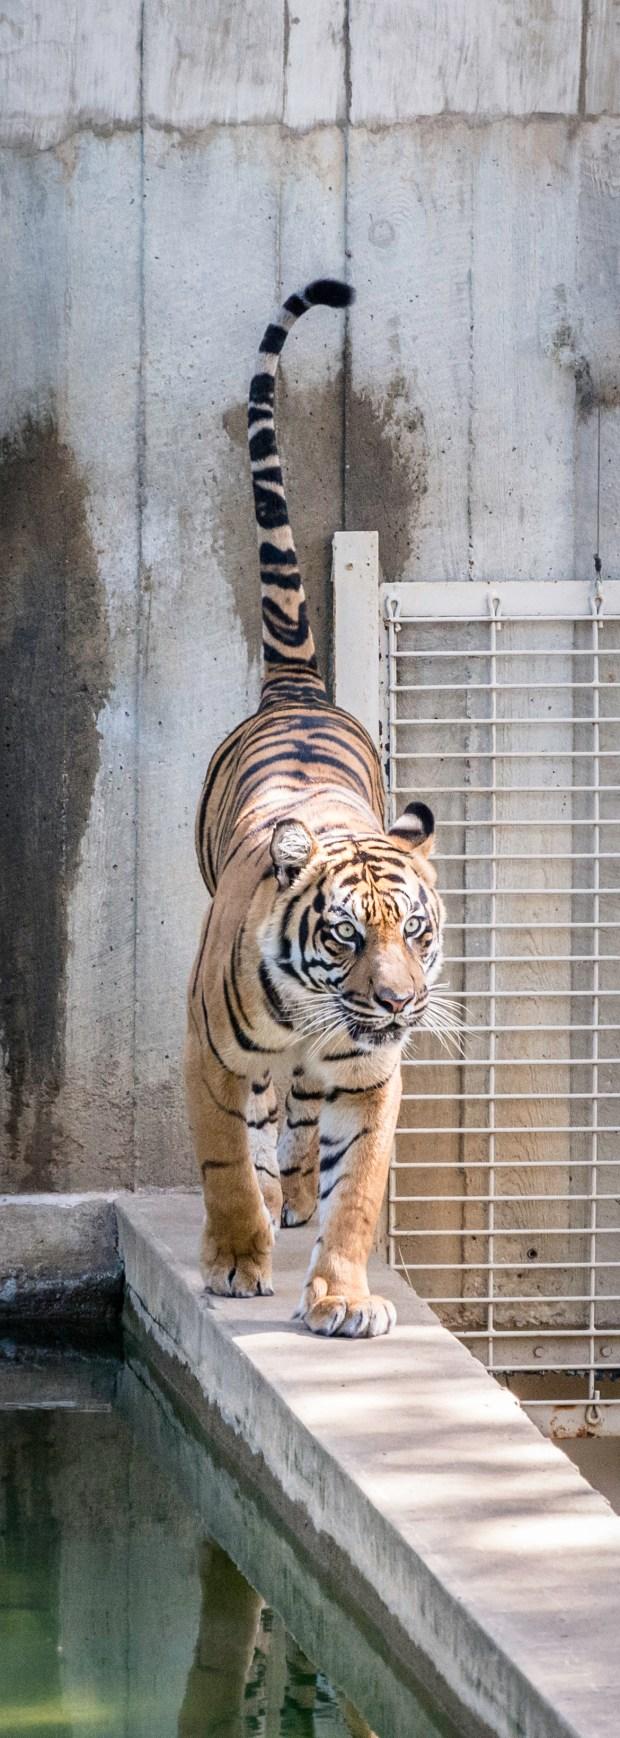 National Zoo w Steve -43